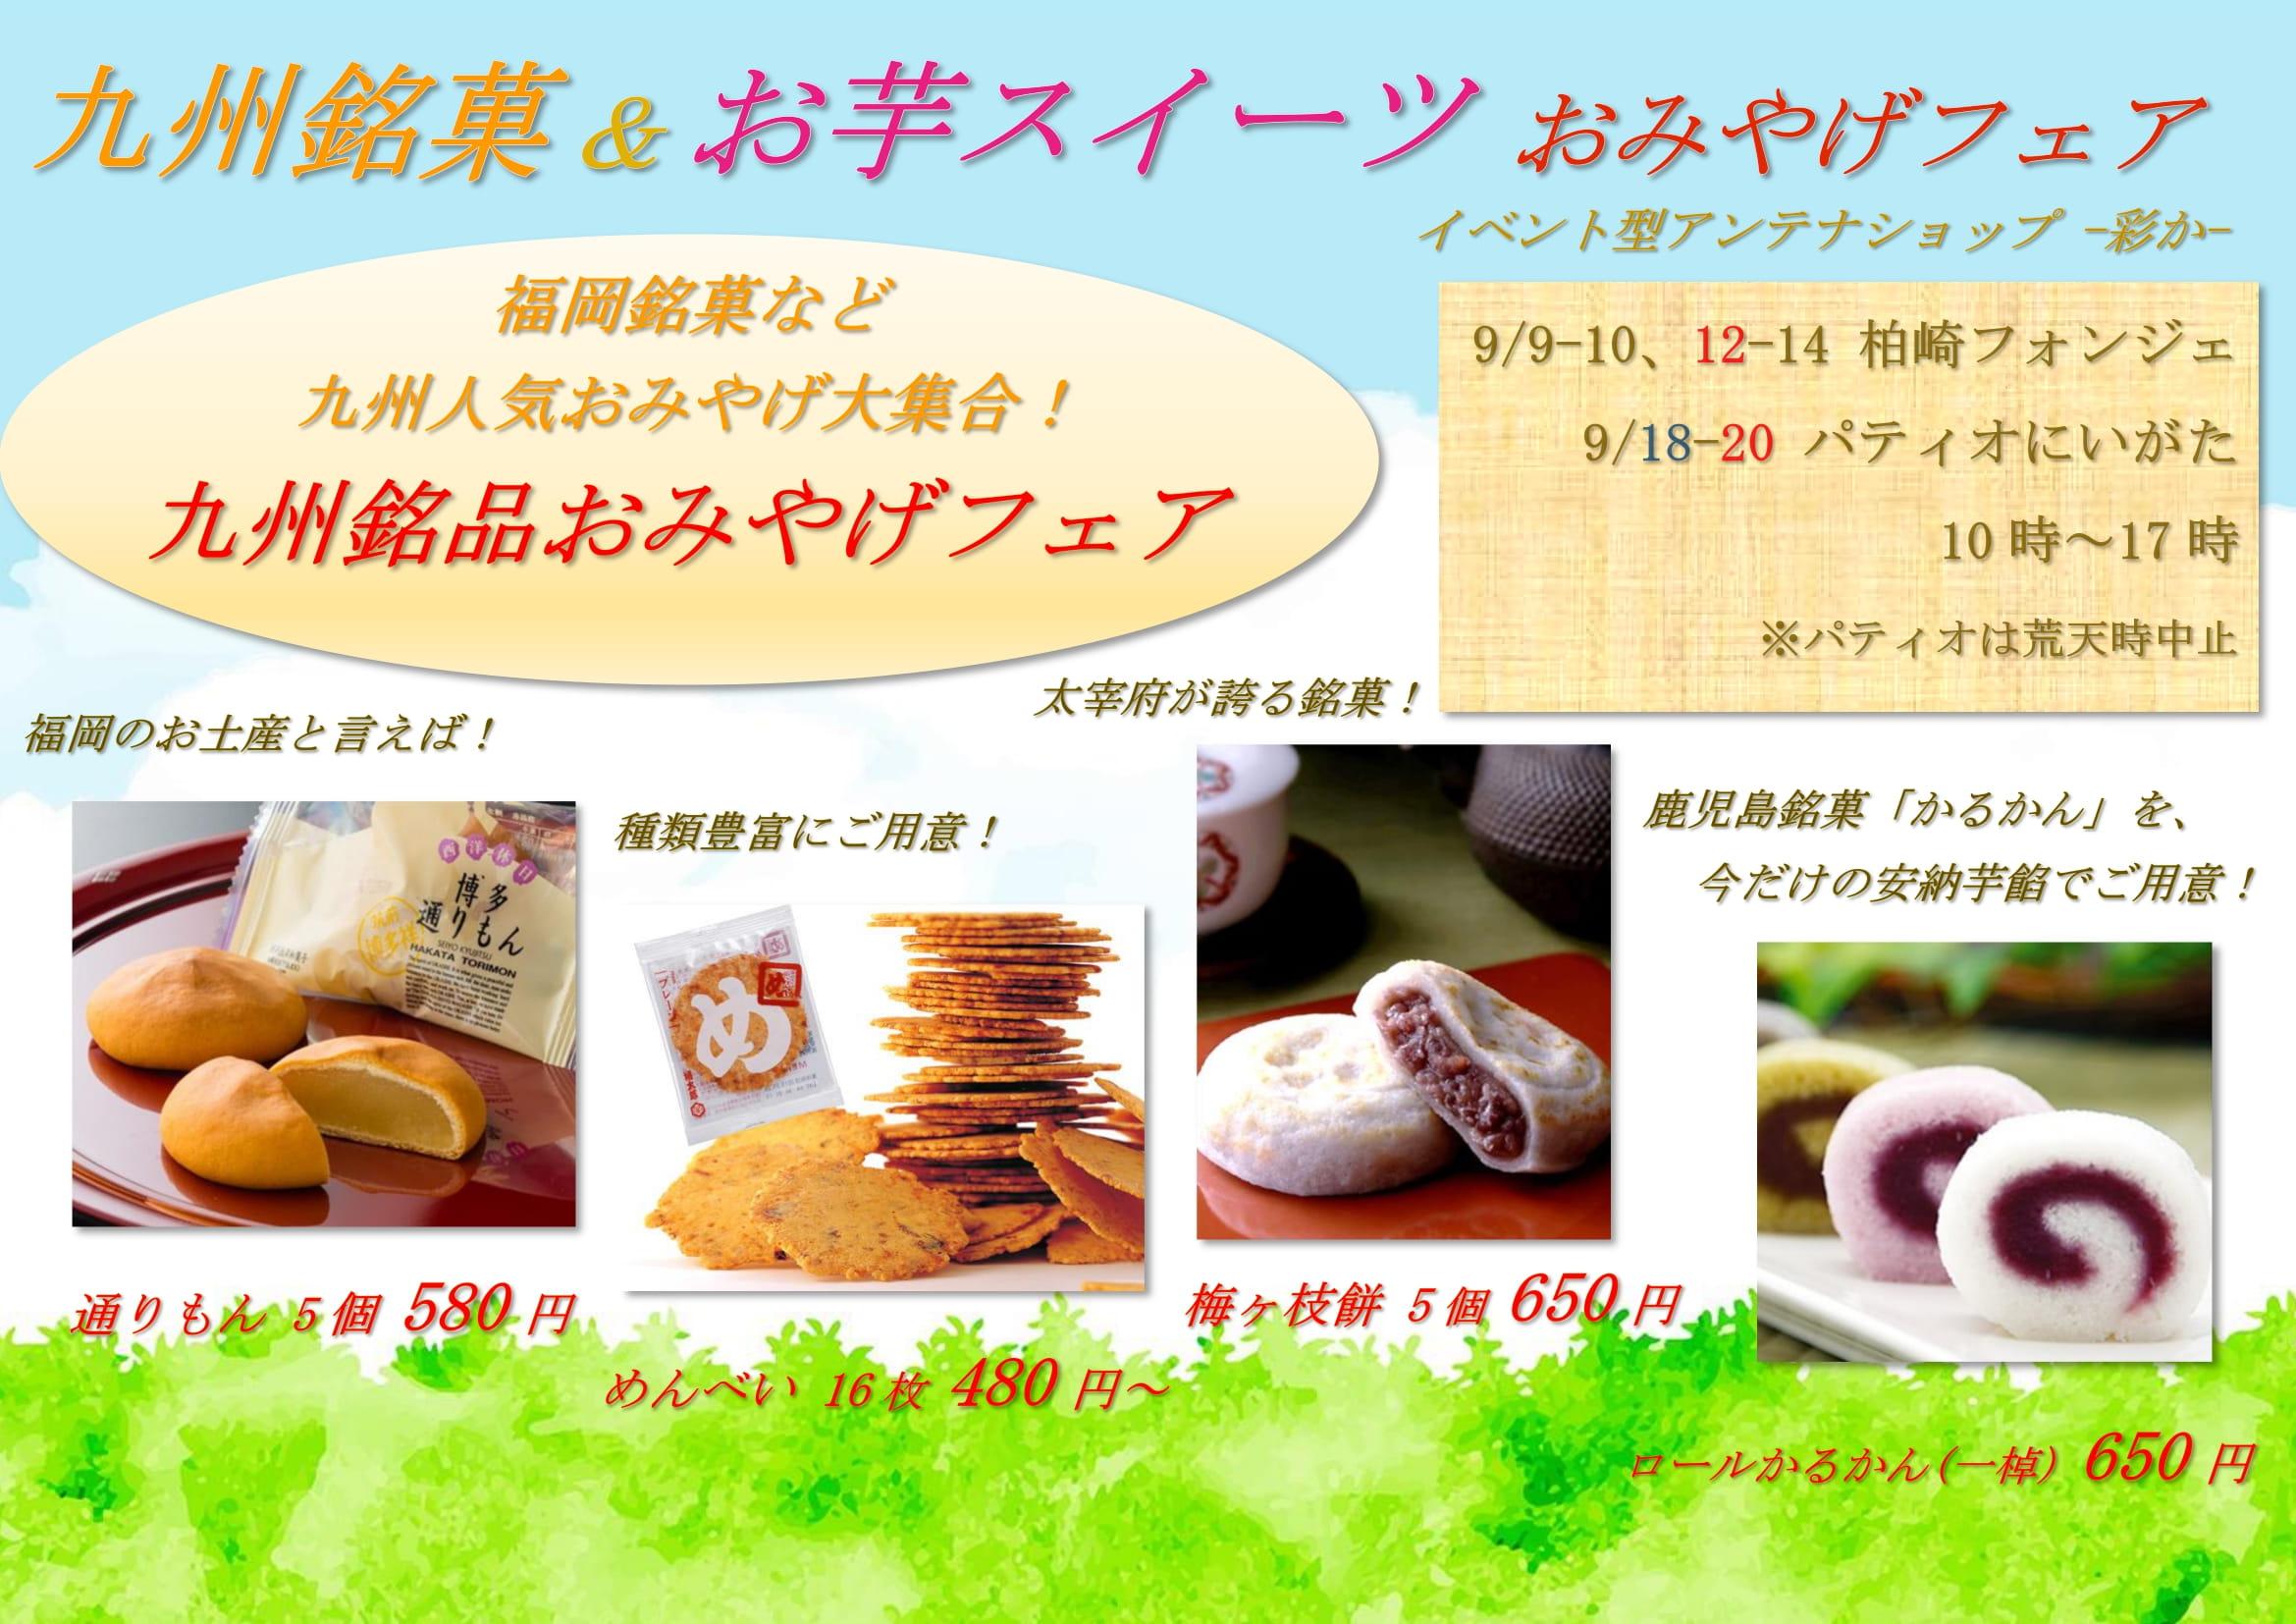 【九州・芋フェア】ビジョン2-1